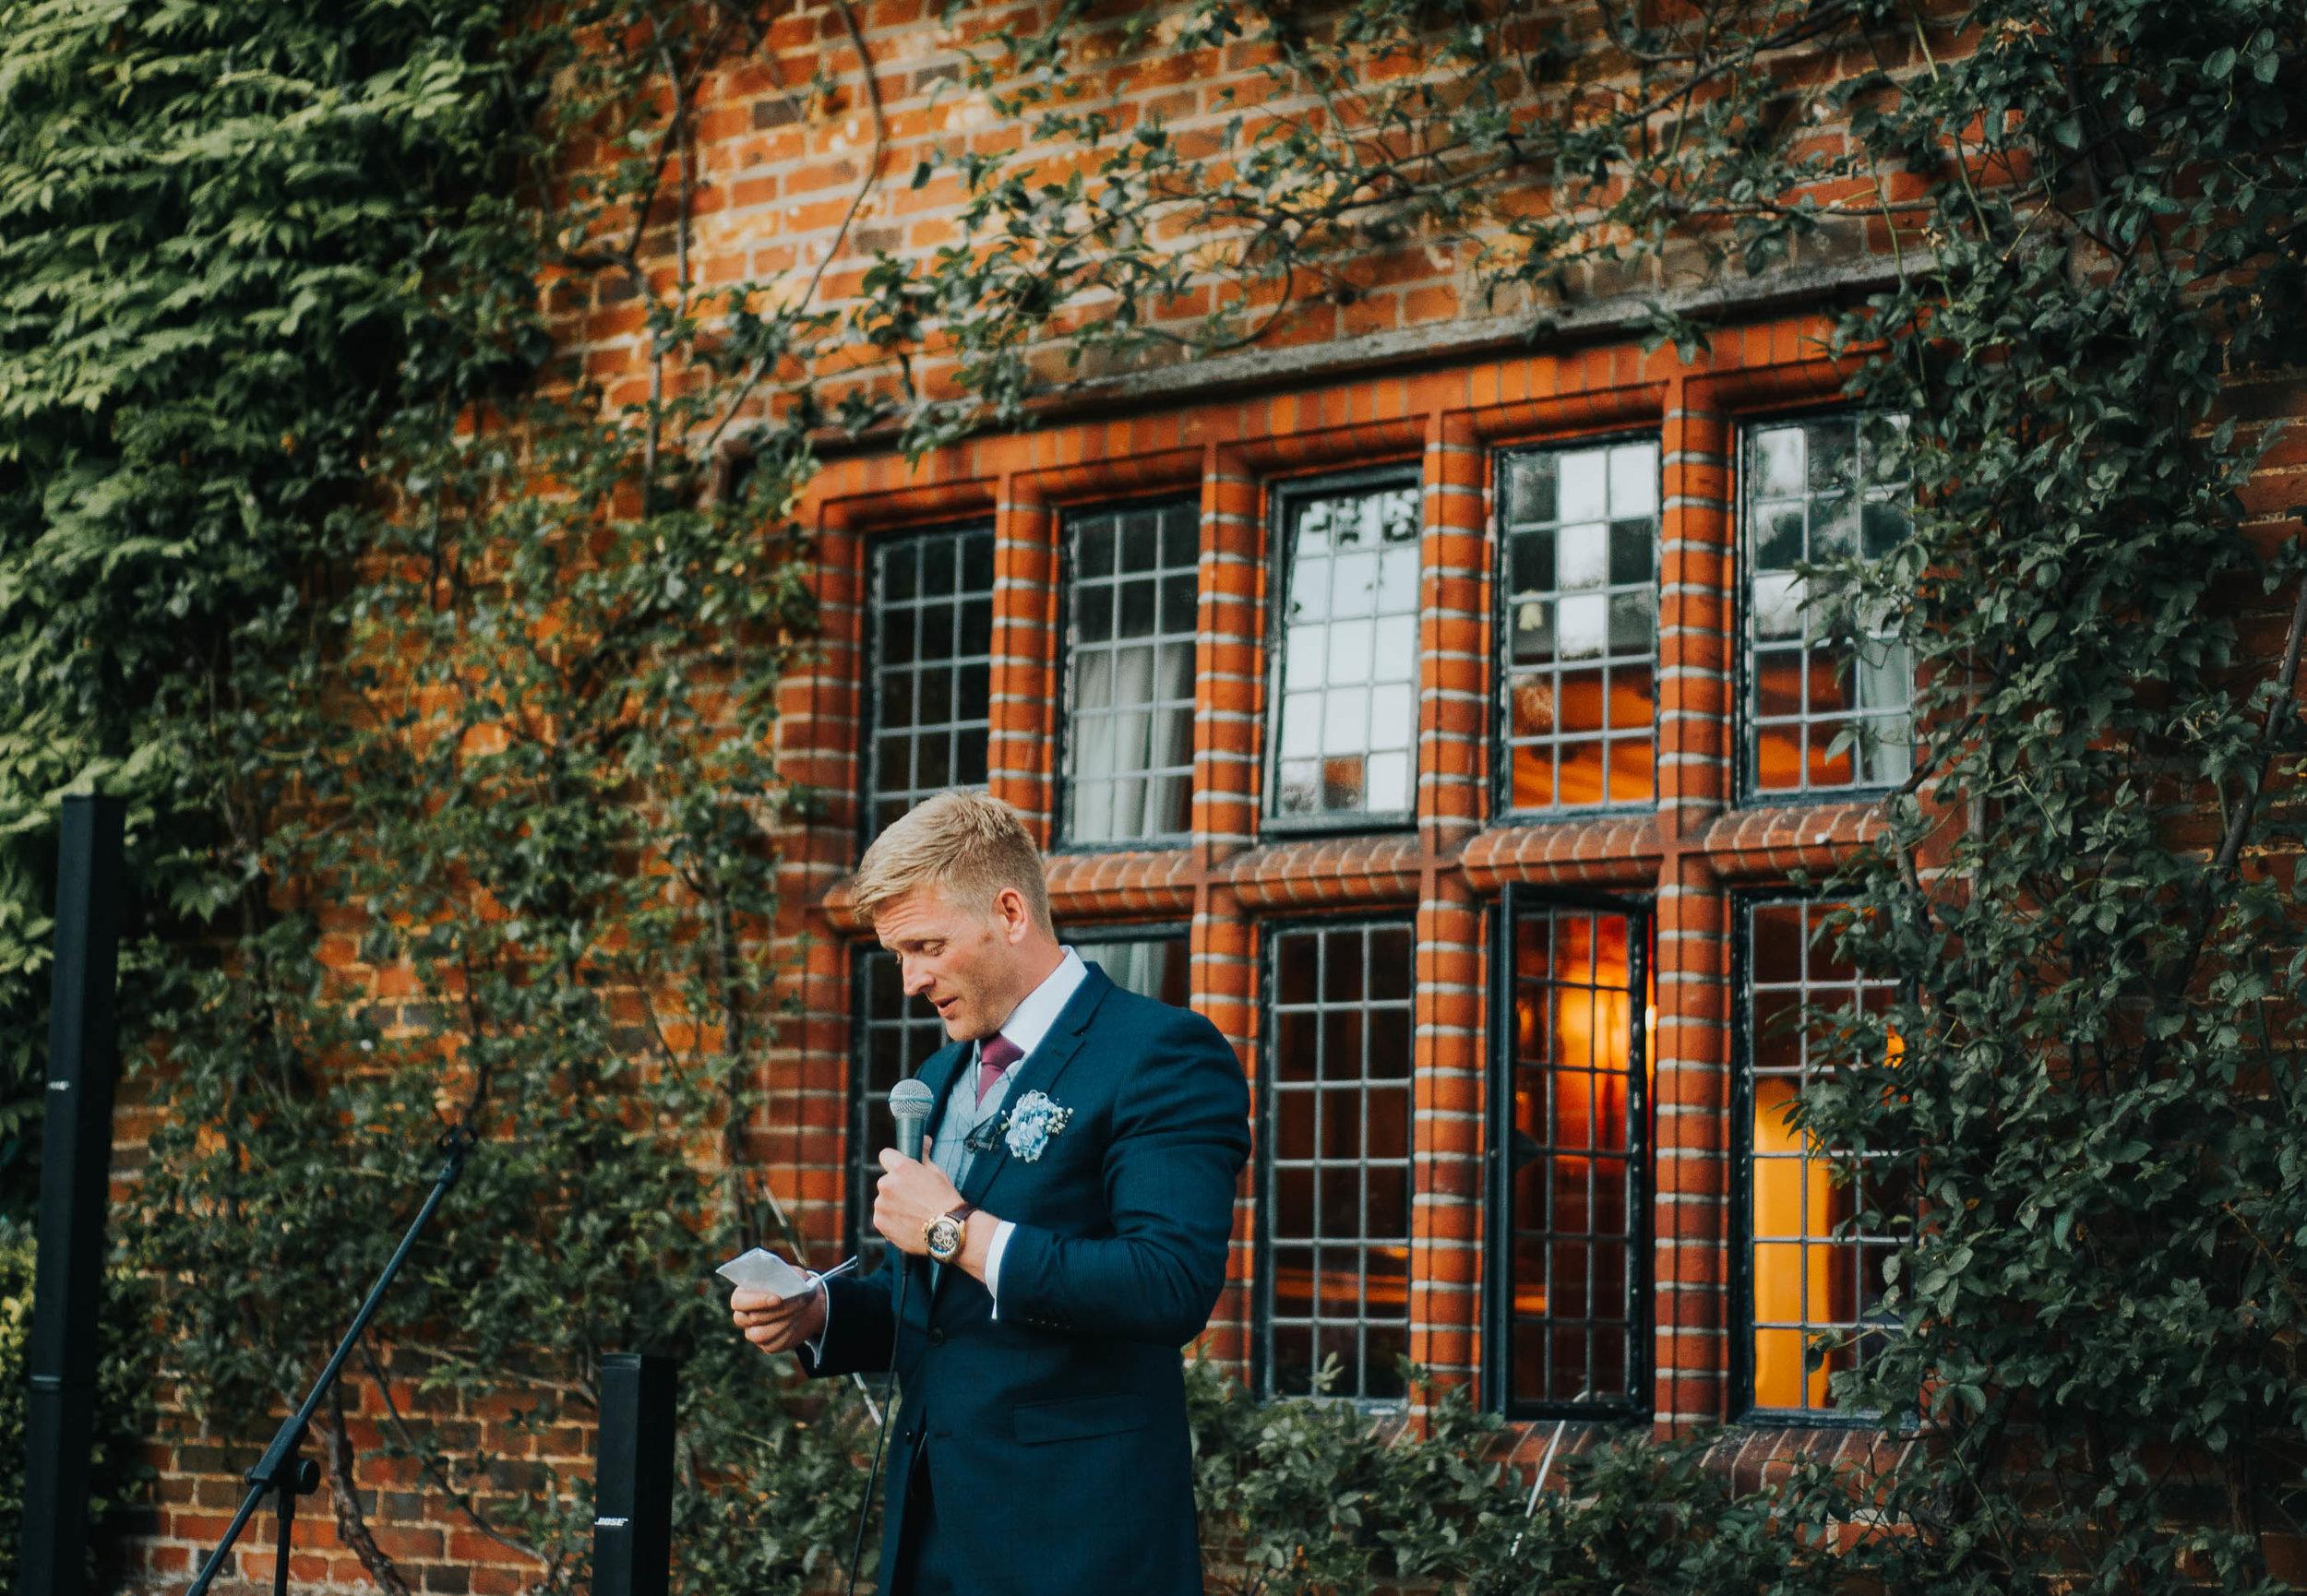 Creative Unique Wedding Photographer Essex Suffolk UK Wedding Photographer www.purplepeartreephotography.com (952).JPG